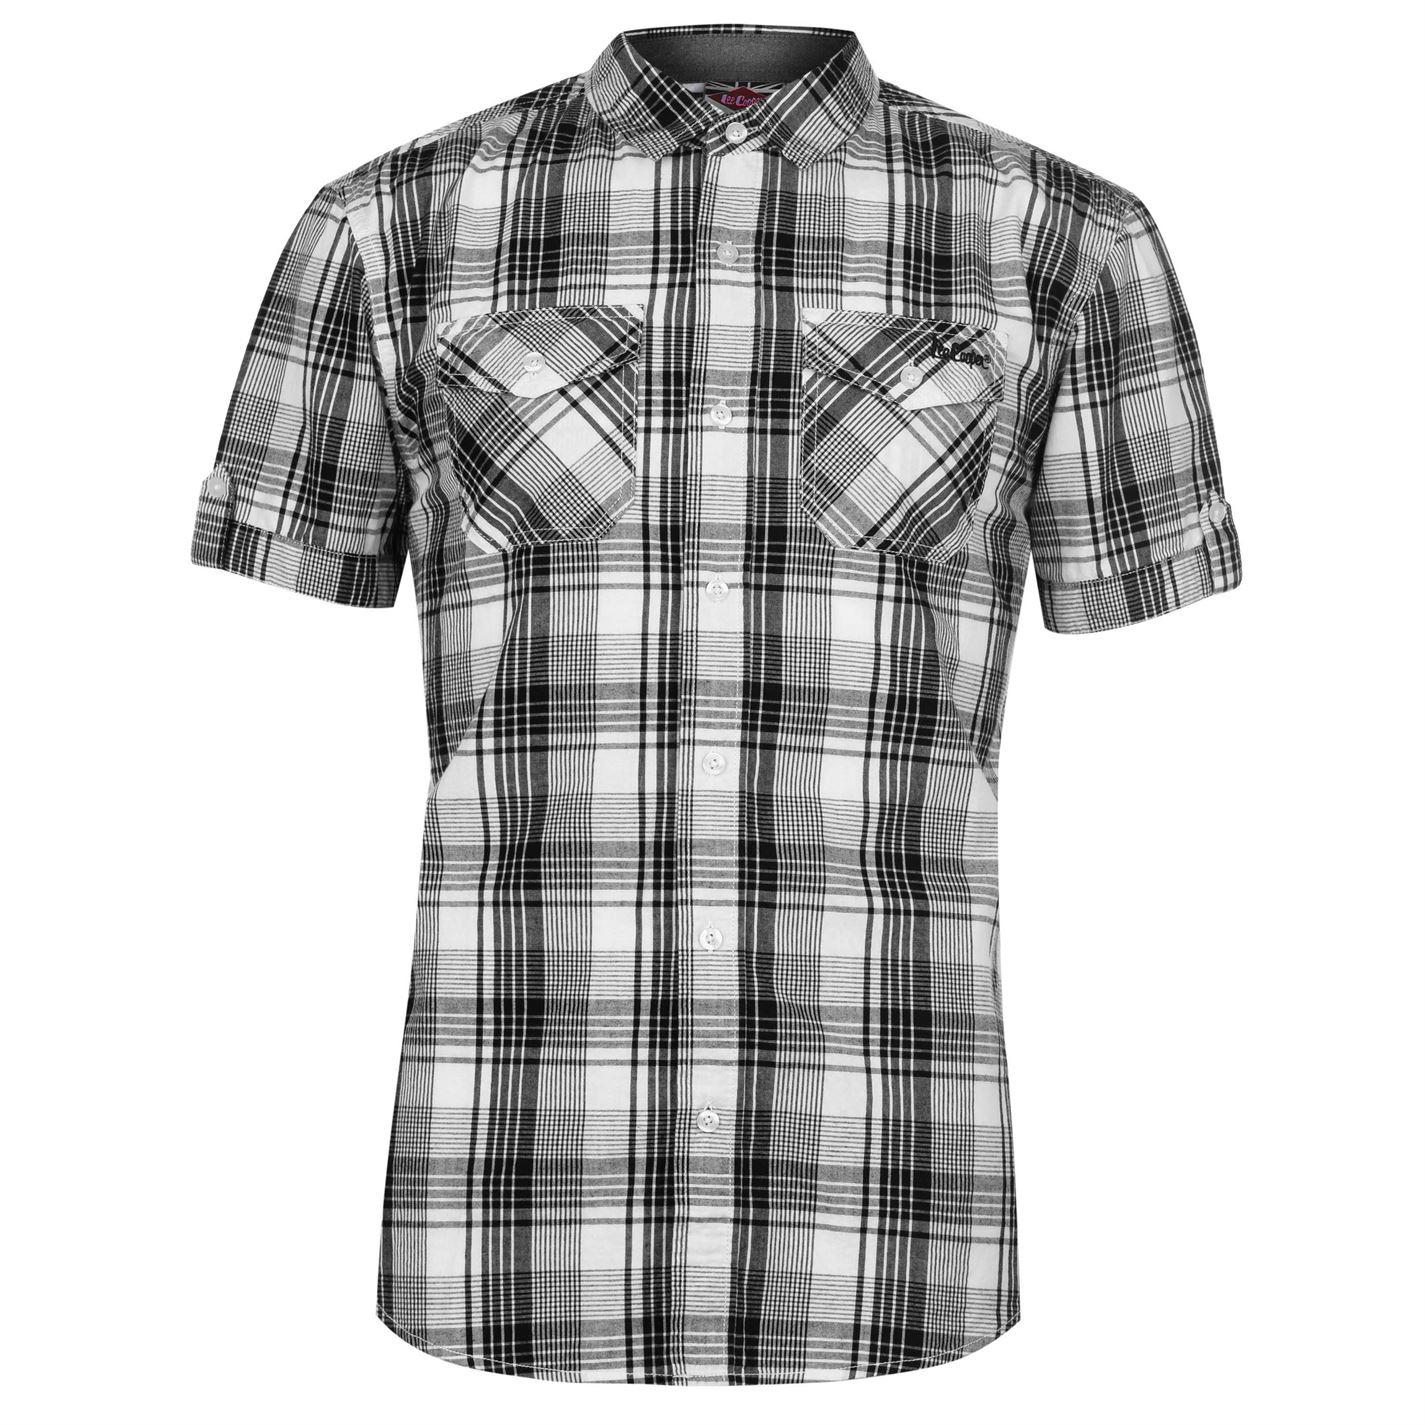 Lee Cooper SS Check Pánská košile 55721530 SD_Large